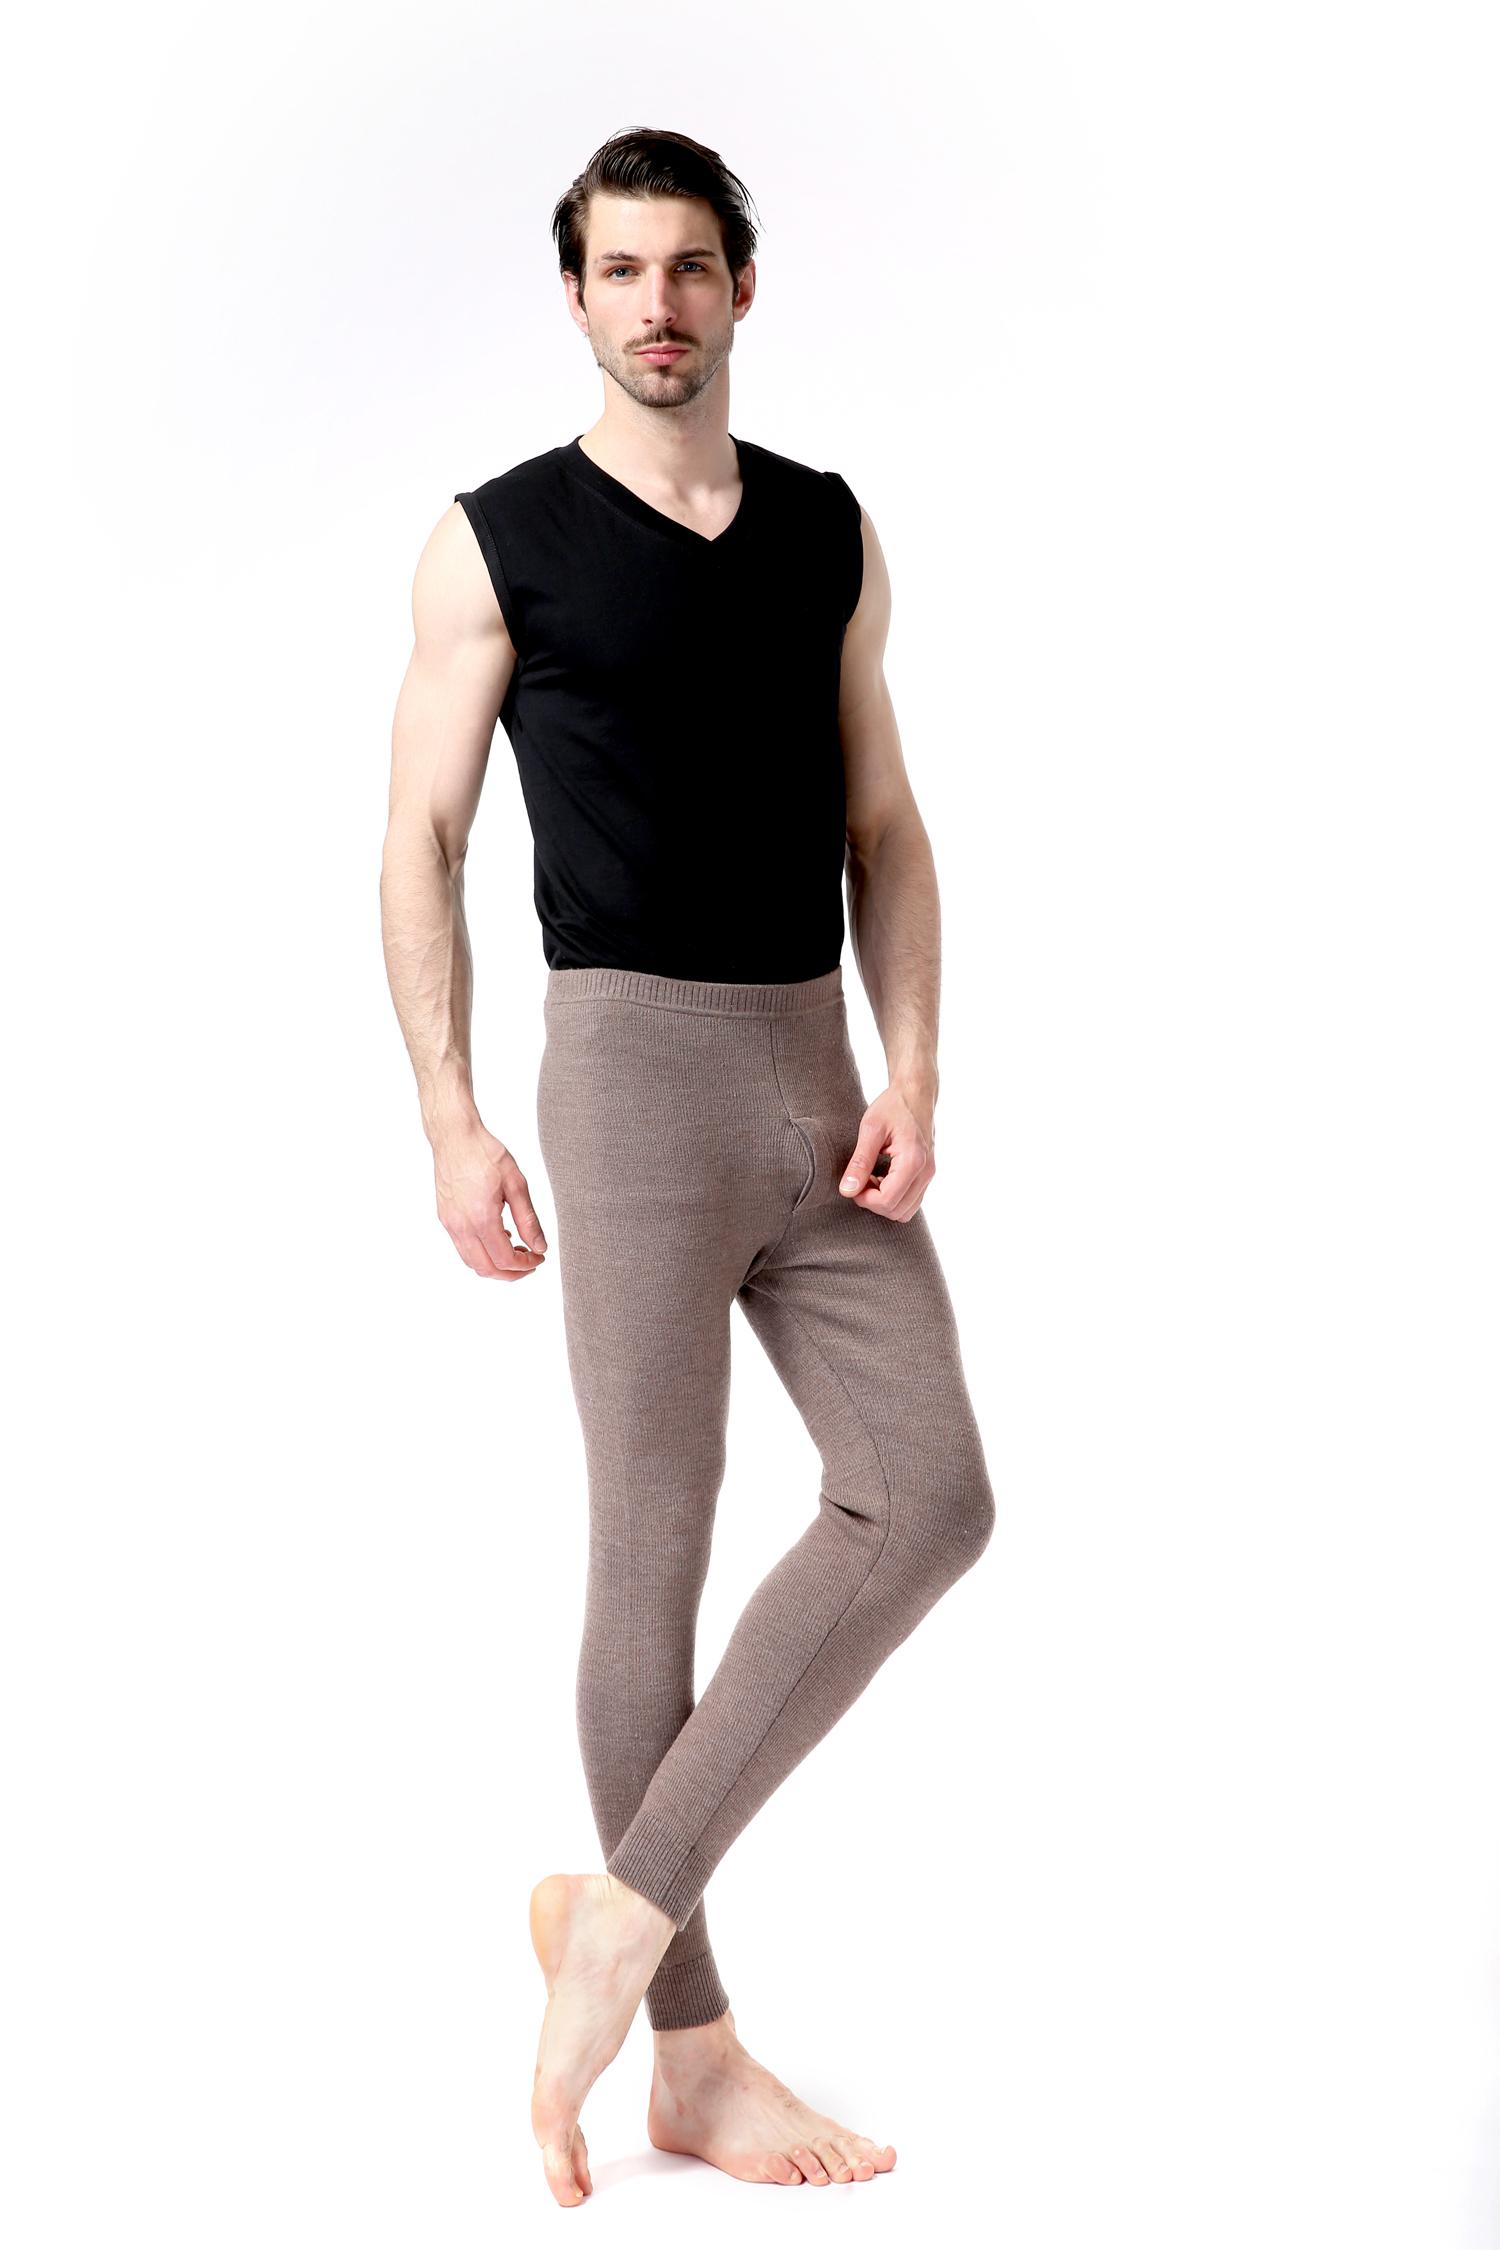 价位合理的保暖内衣 哪里有卖特价都兰诺斯澳毛男抽条裤